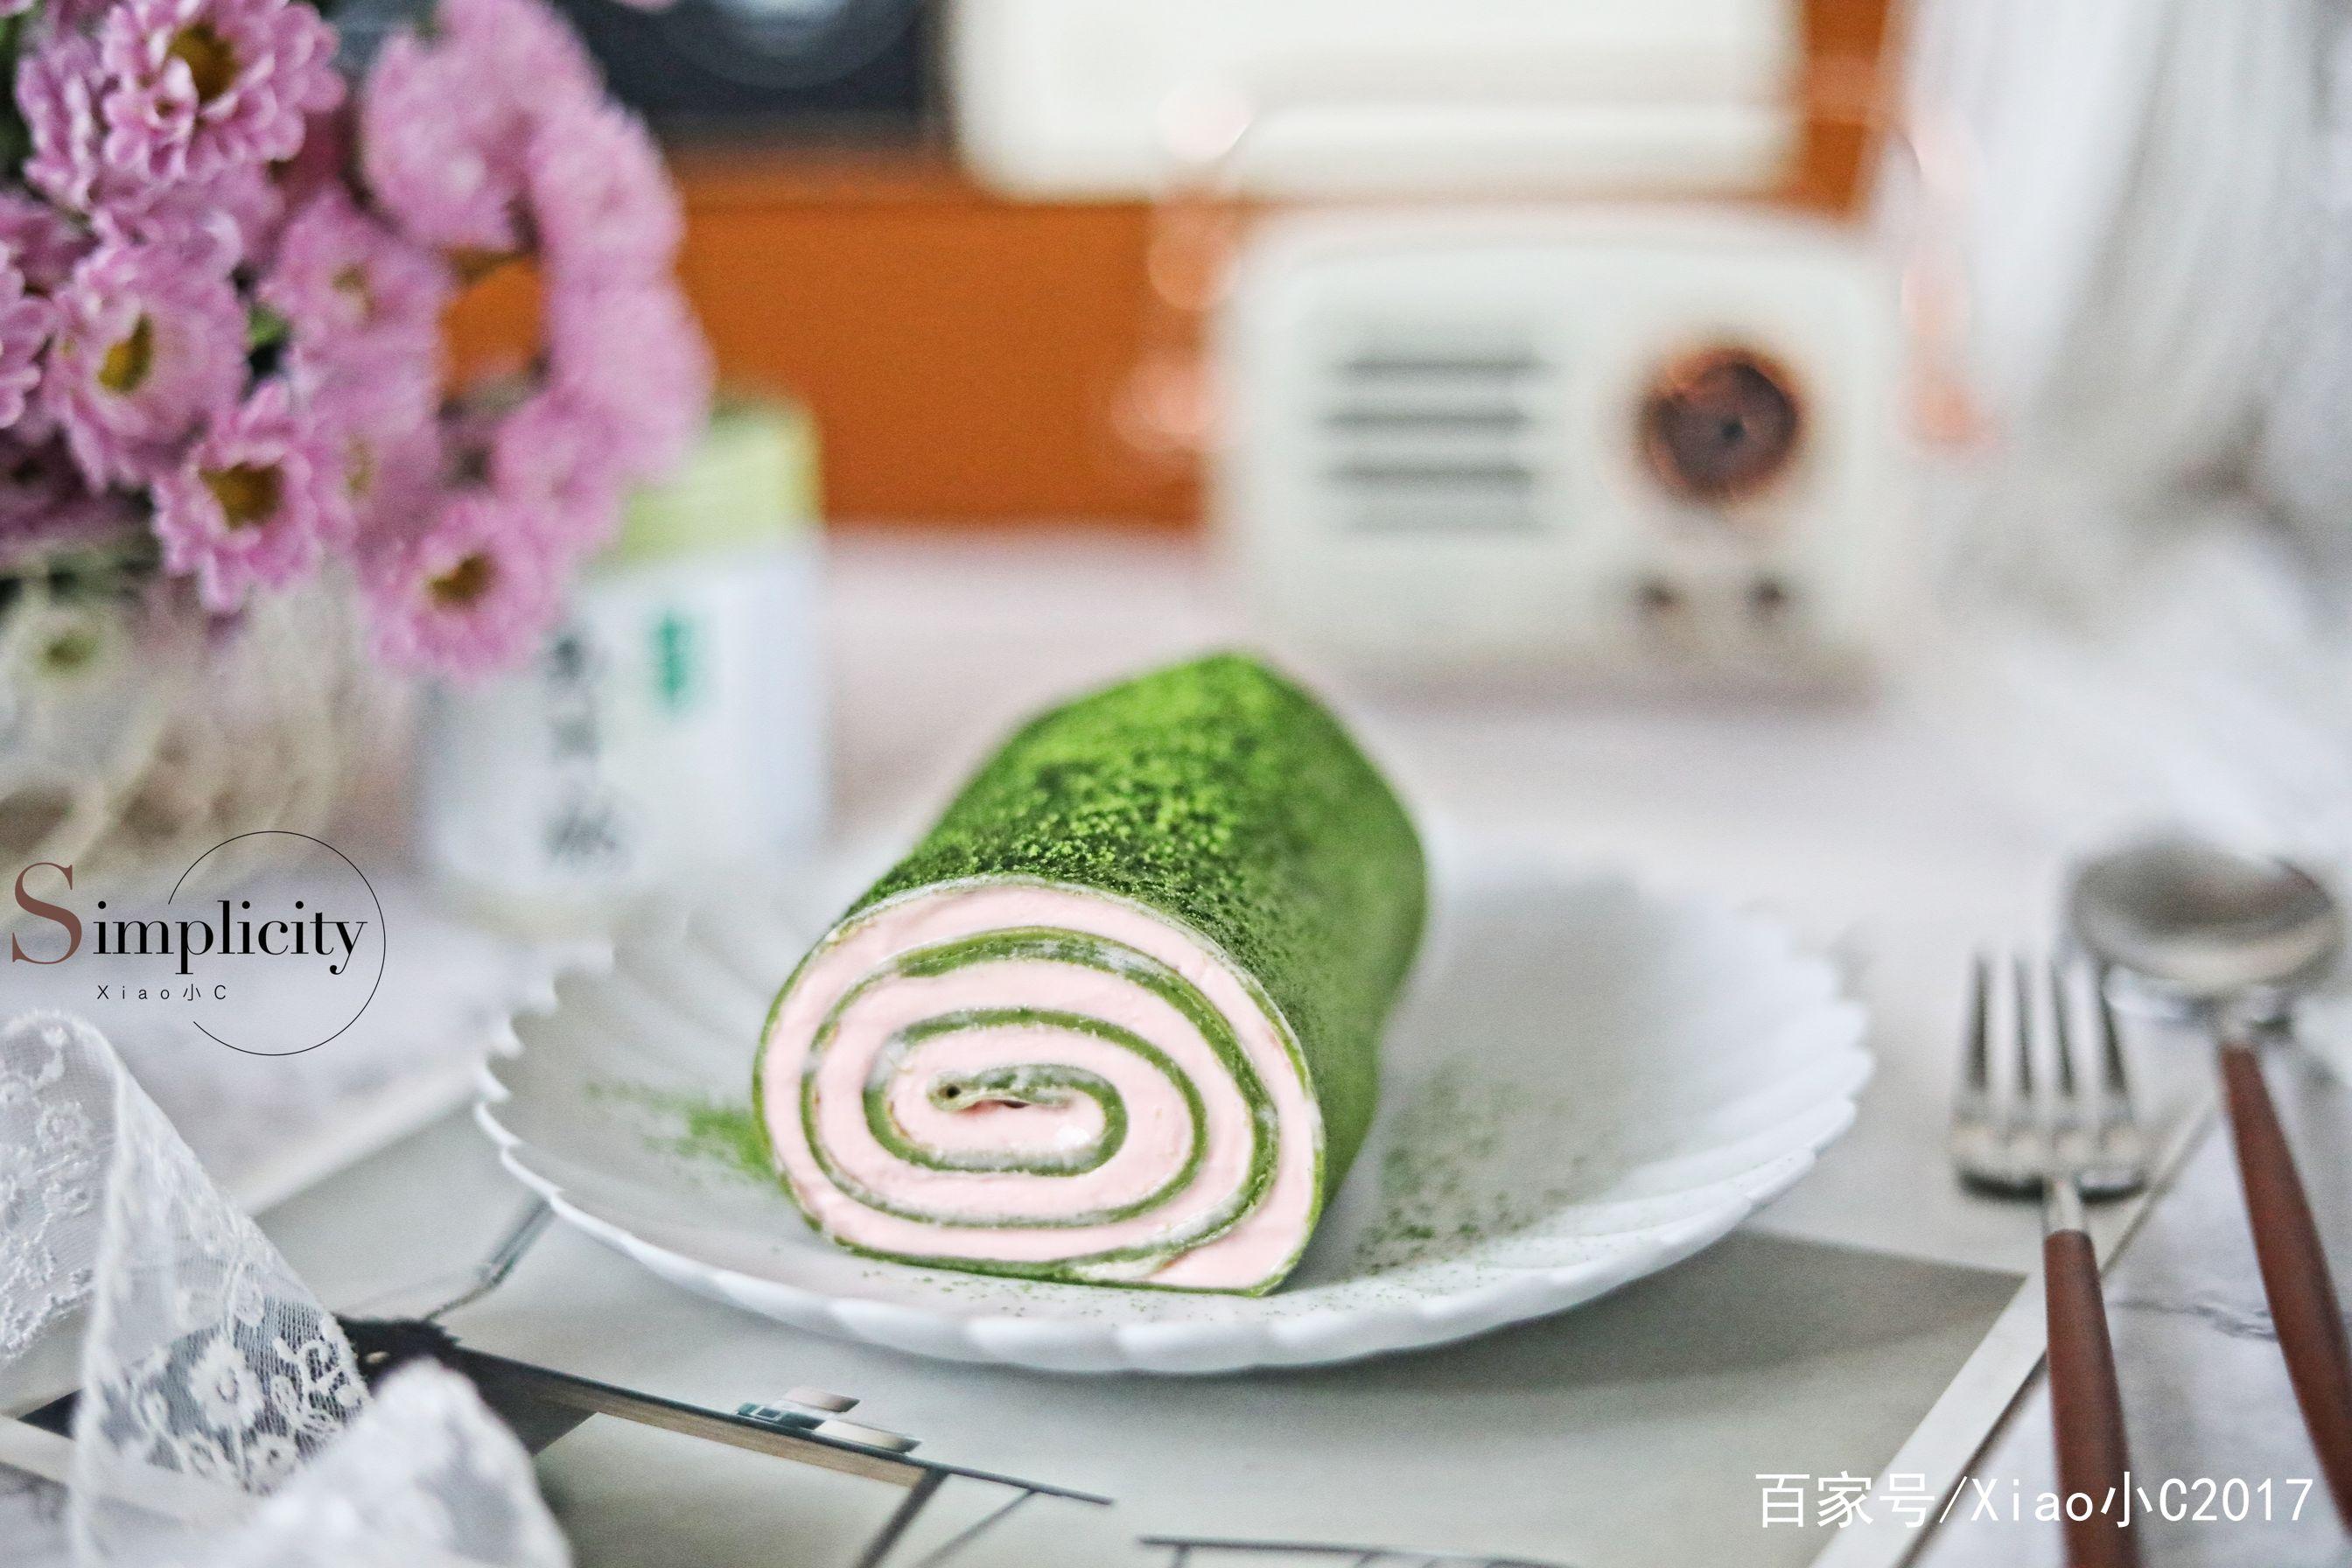 没有烤箱也可以做的颜值甜点,抹茶毛巾卷就这样简单,零失败